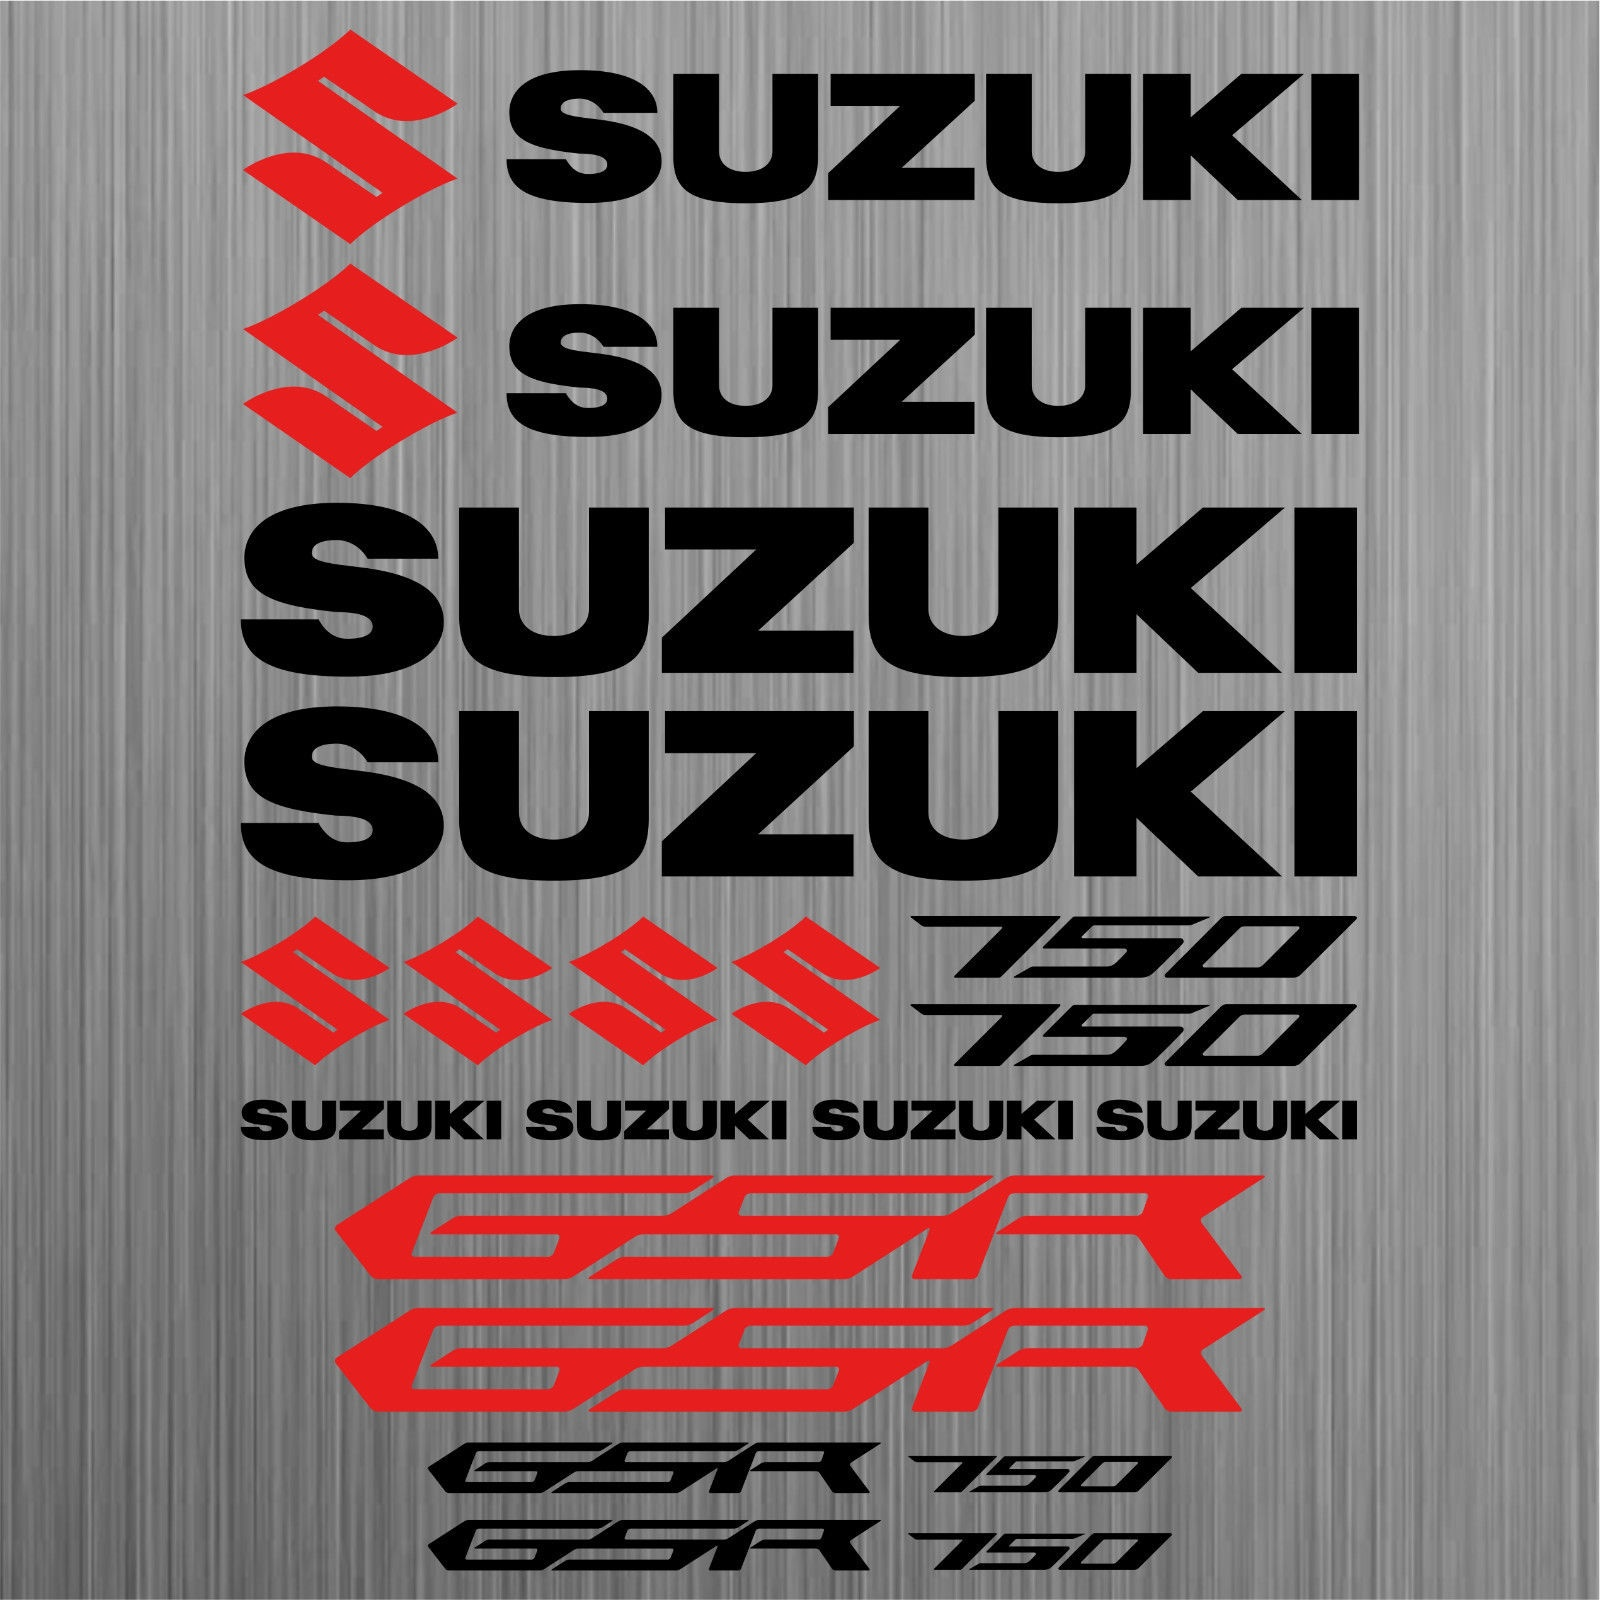 For Suzuki Gsr 750 Aufkleber Sticker Motorrad Motorcycle 18